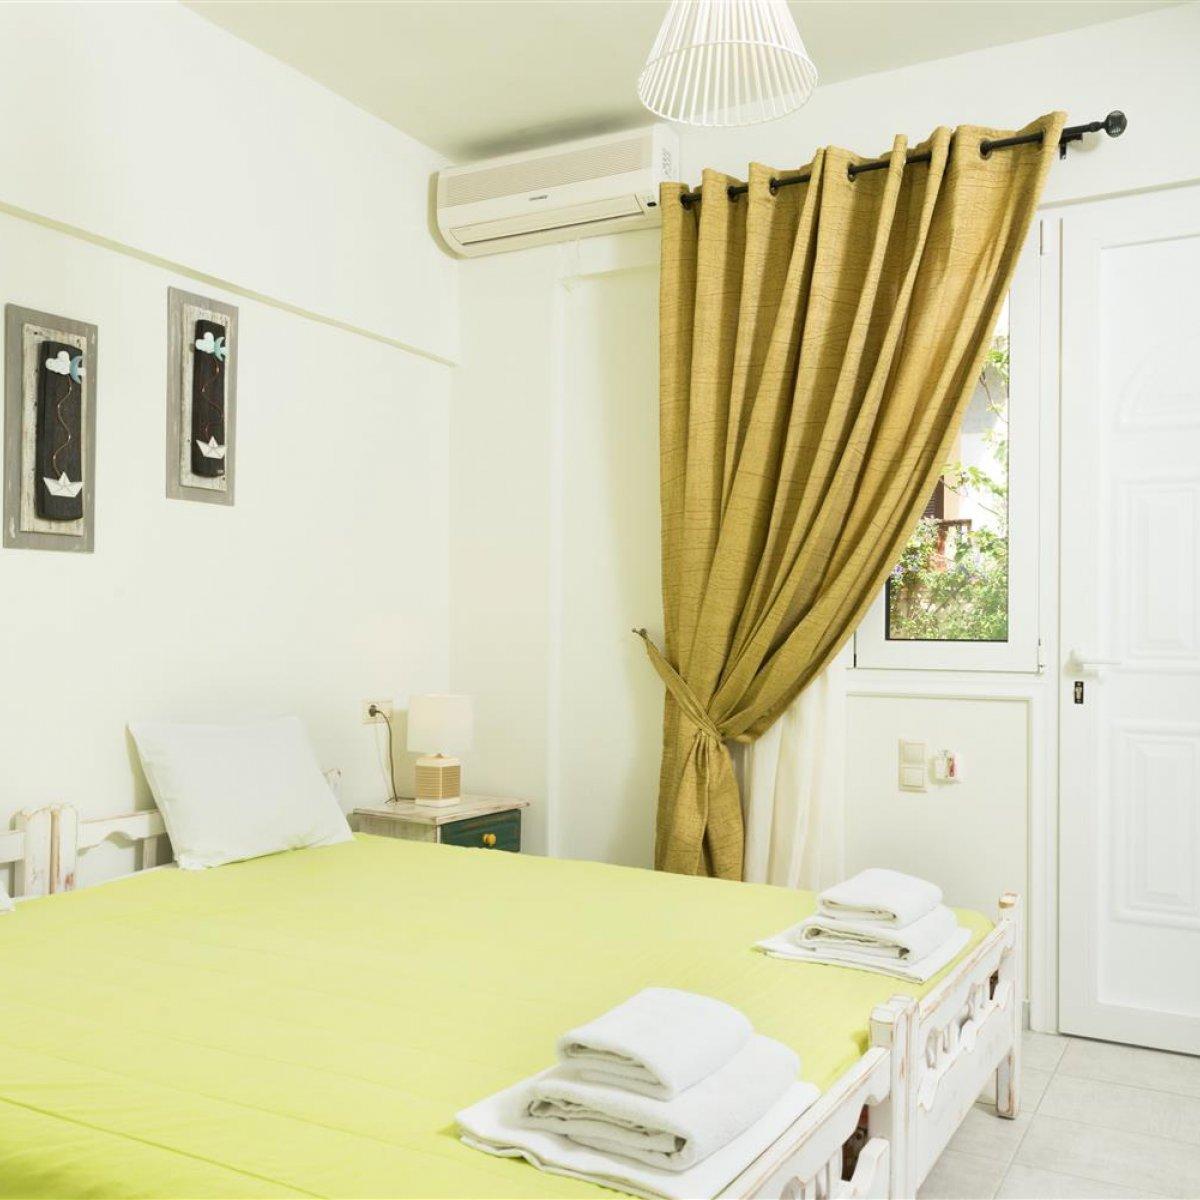 Hotel Sunshine Matala - Alkioni δωμάτιο